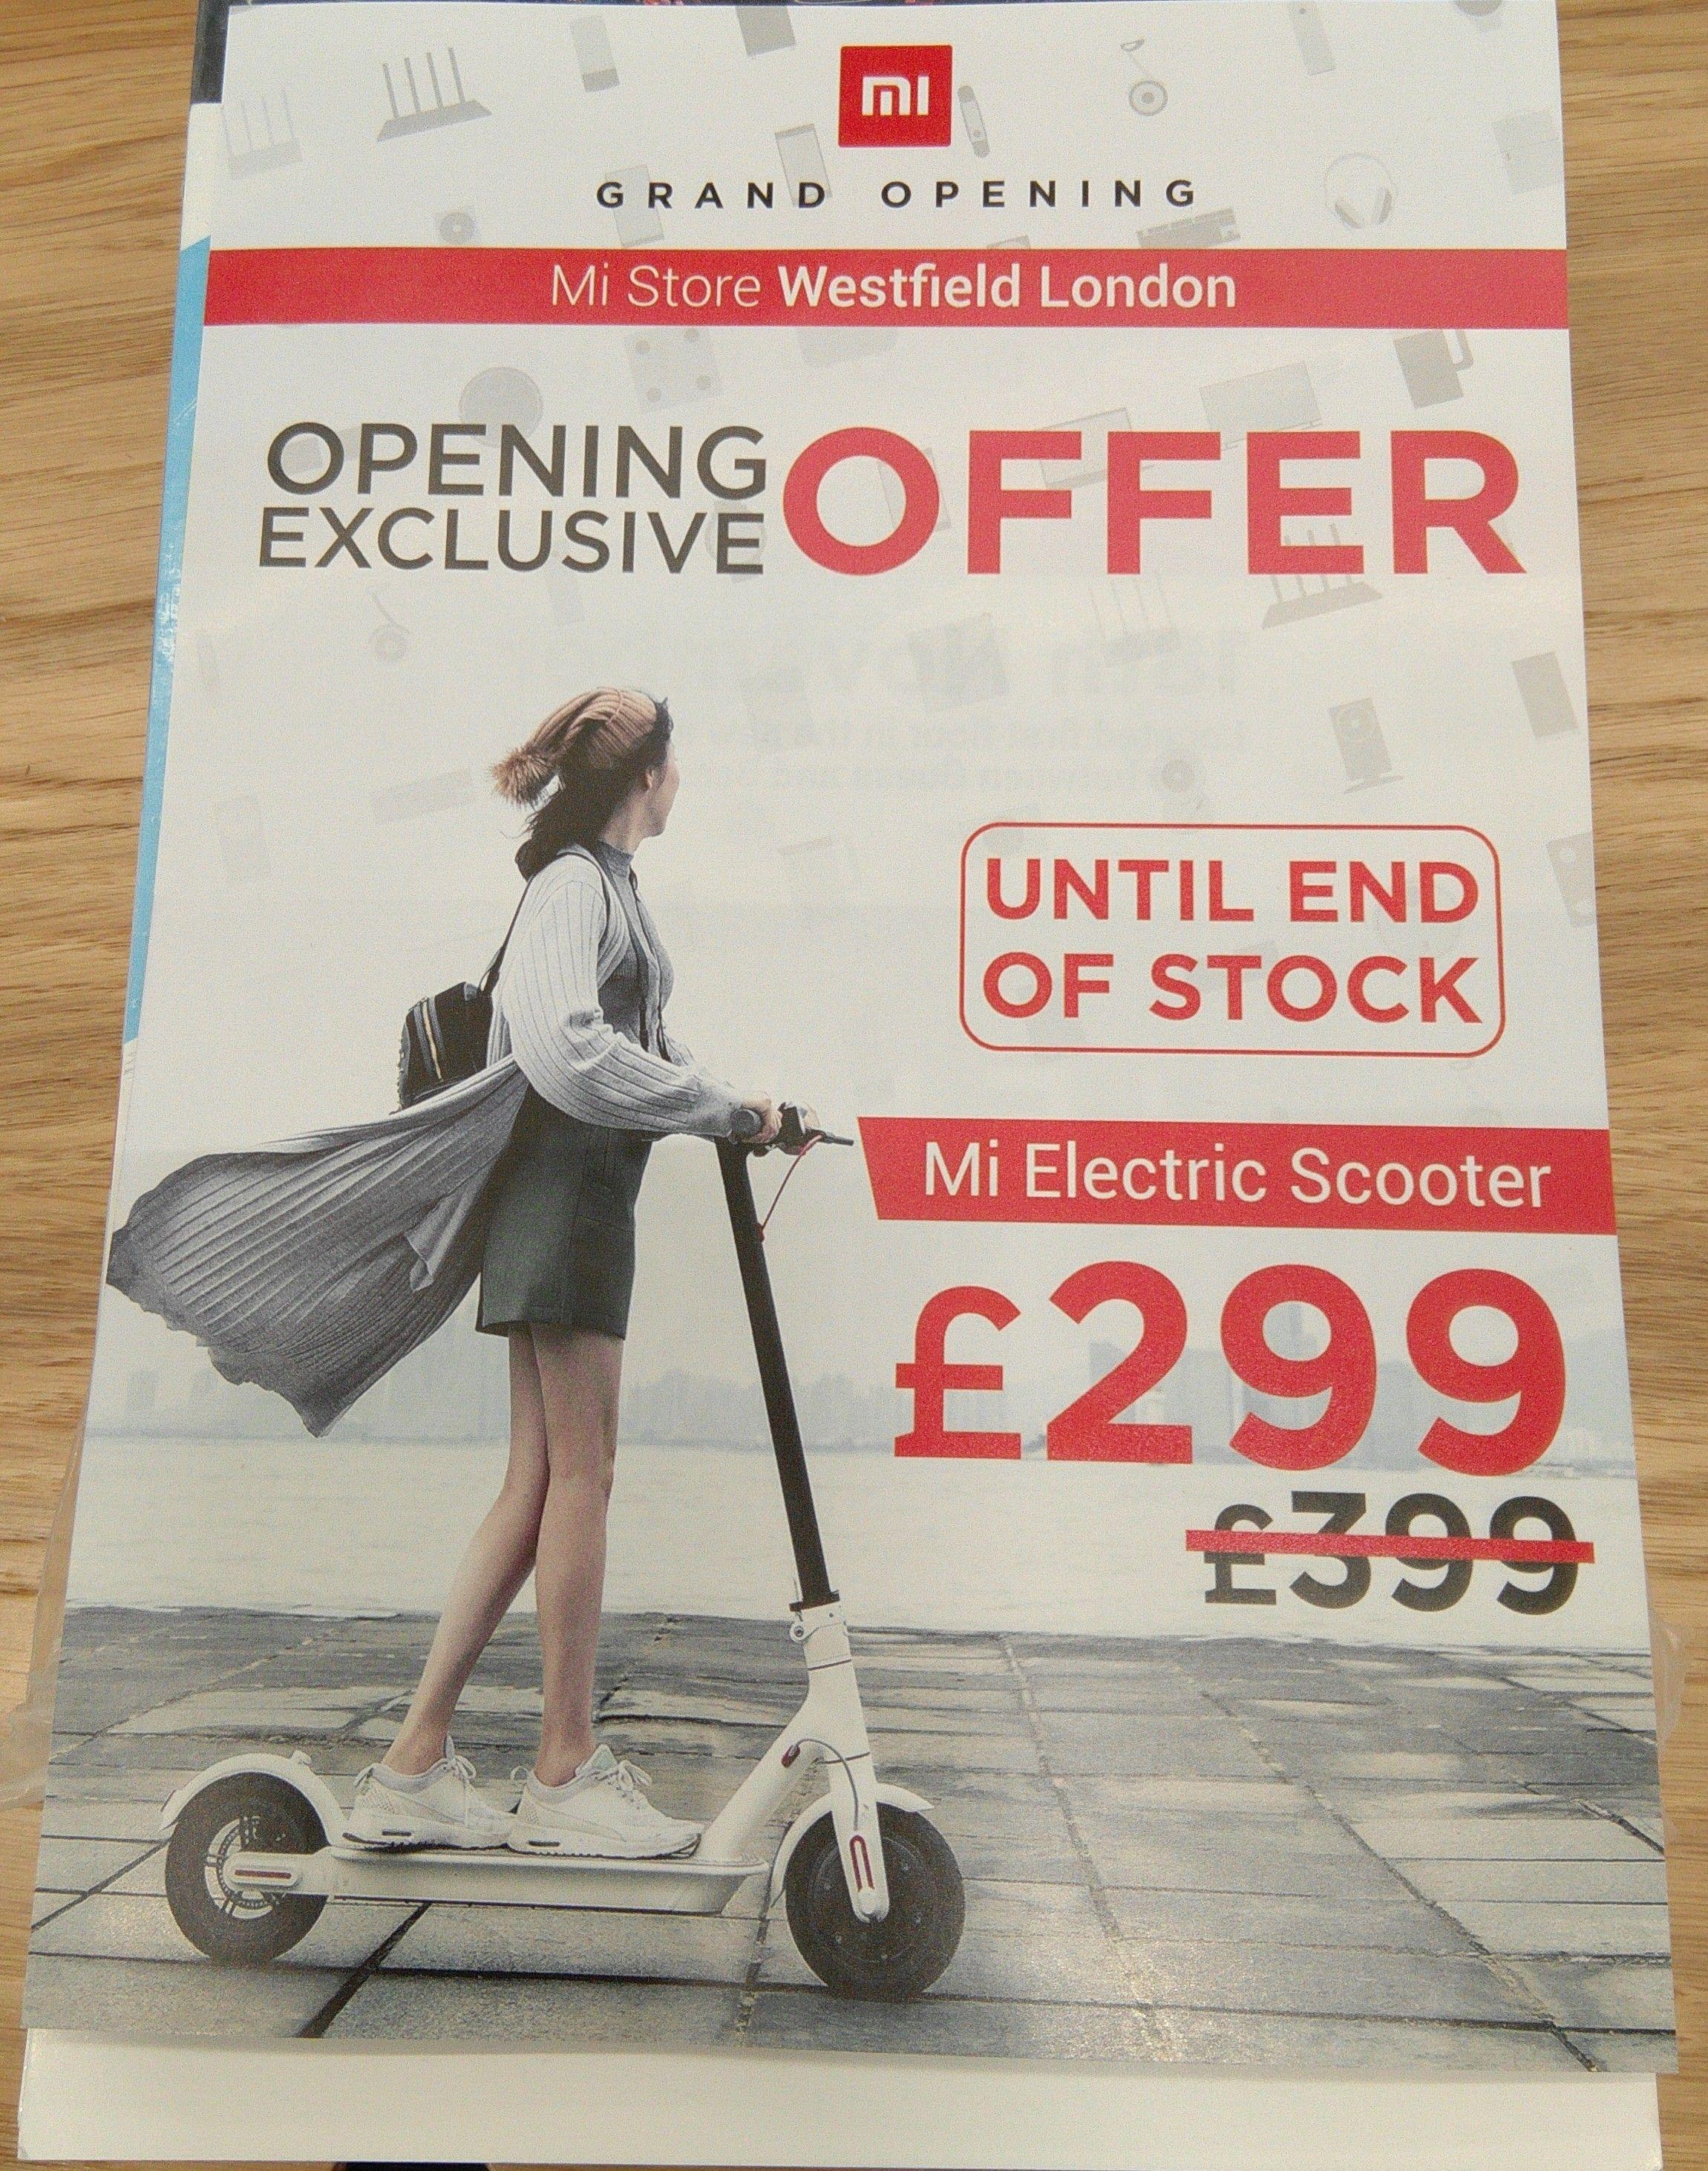 Mi Scooter in Mi Store UK warranty (Westfield) 1st 100 customers - £299